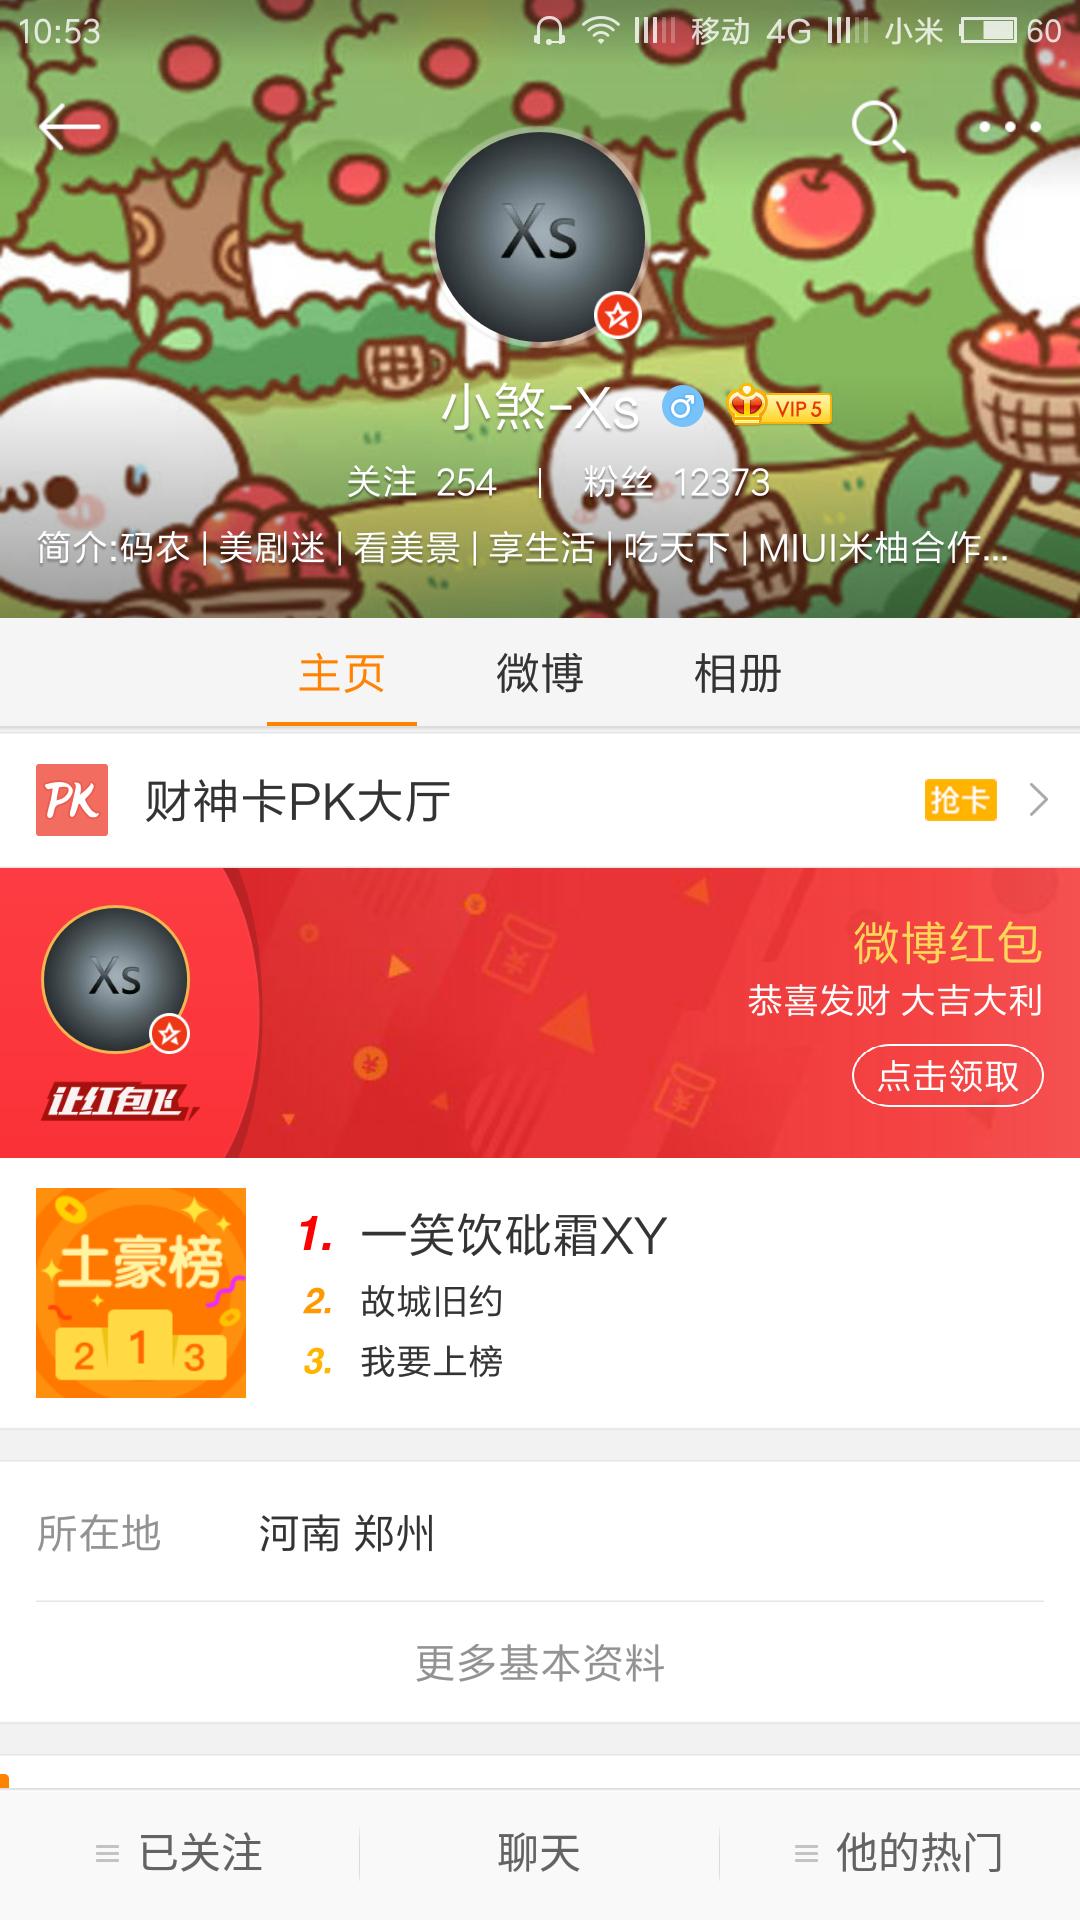 Screenshot_2017-01-19-10-53-16-381_com.sina.weibo.png